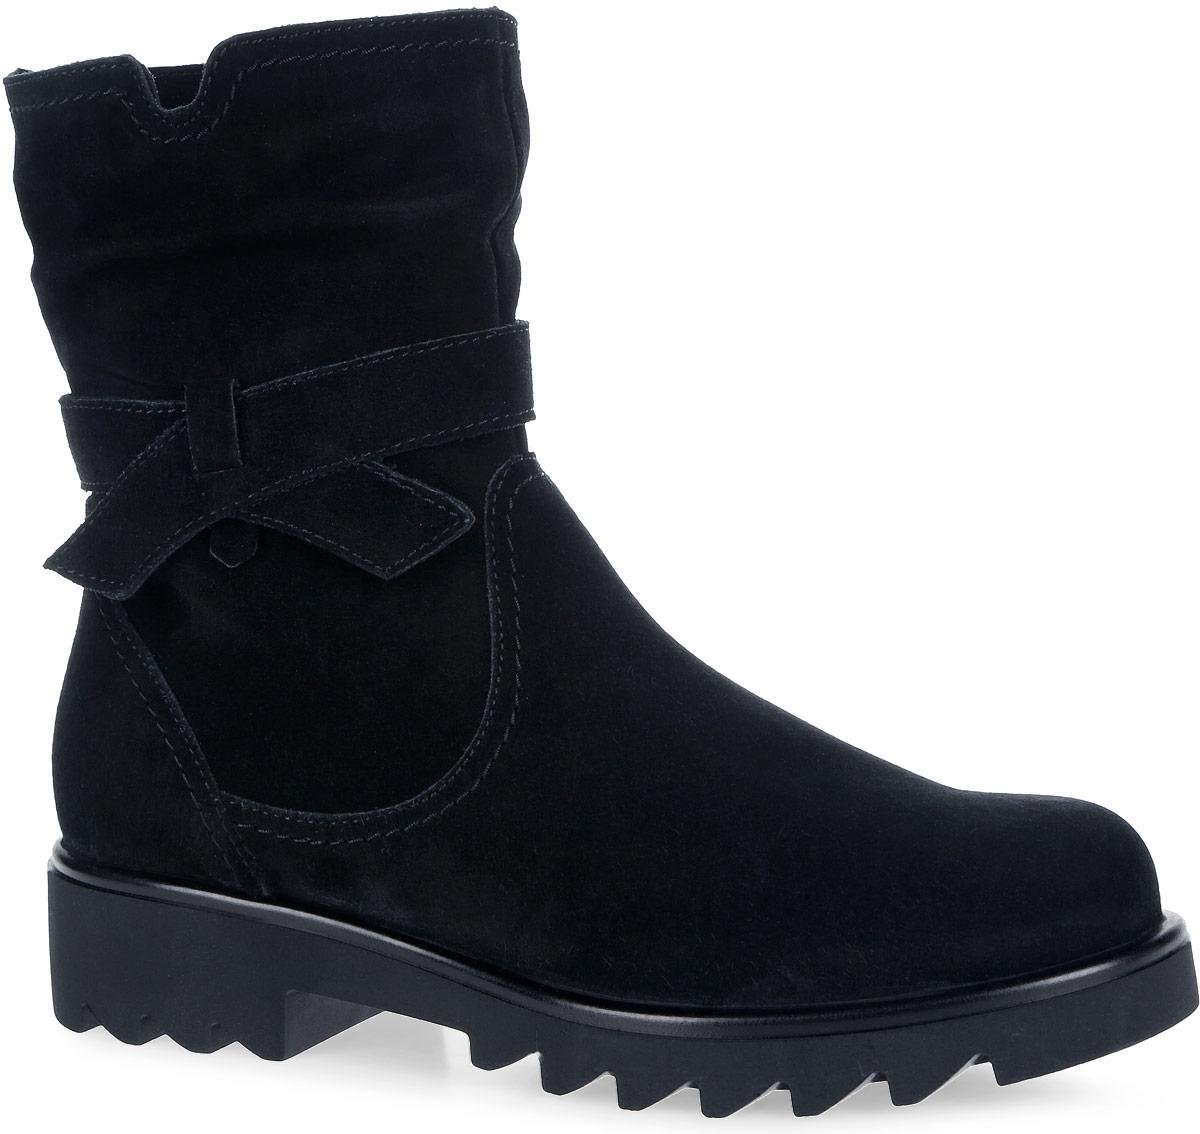 Полусапоги для девочки. 5420854208Стильные полусапоги от Kapika заинтересуют вашу юную модницу с первого взгляда. Модель выполнена из натуральной кожи. Модель оформлена декоративным ремешком. Передняя и задняя части дополнены нашивками для уменьшения изнашиваемости обуви. Модель фиксируется на ноге с помощью удобной молнии. Подошва, изготовленная из ТЭП-материла, дополнена небольшим каблуком. Оригинальная рифленая поверхность подошвы обеспечит отличное сцепление с любой поверхностью. Такие модные и практичные полусапоги займут достойное место в гардеробе вашей девочки.